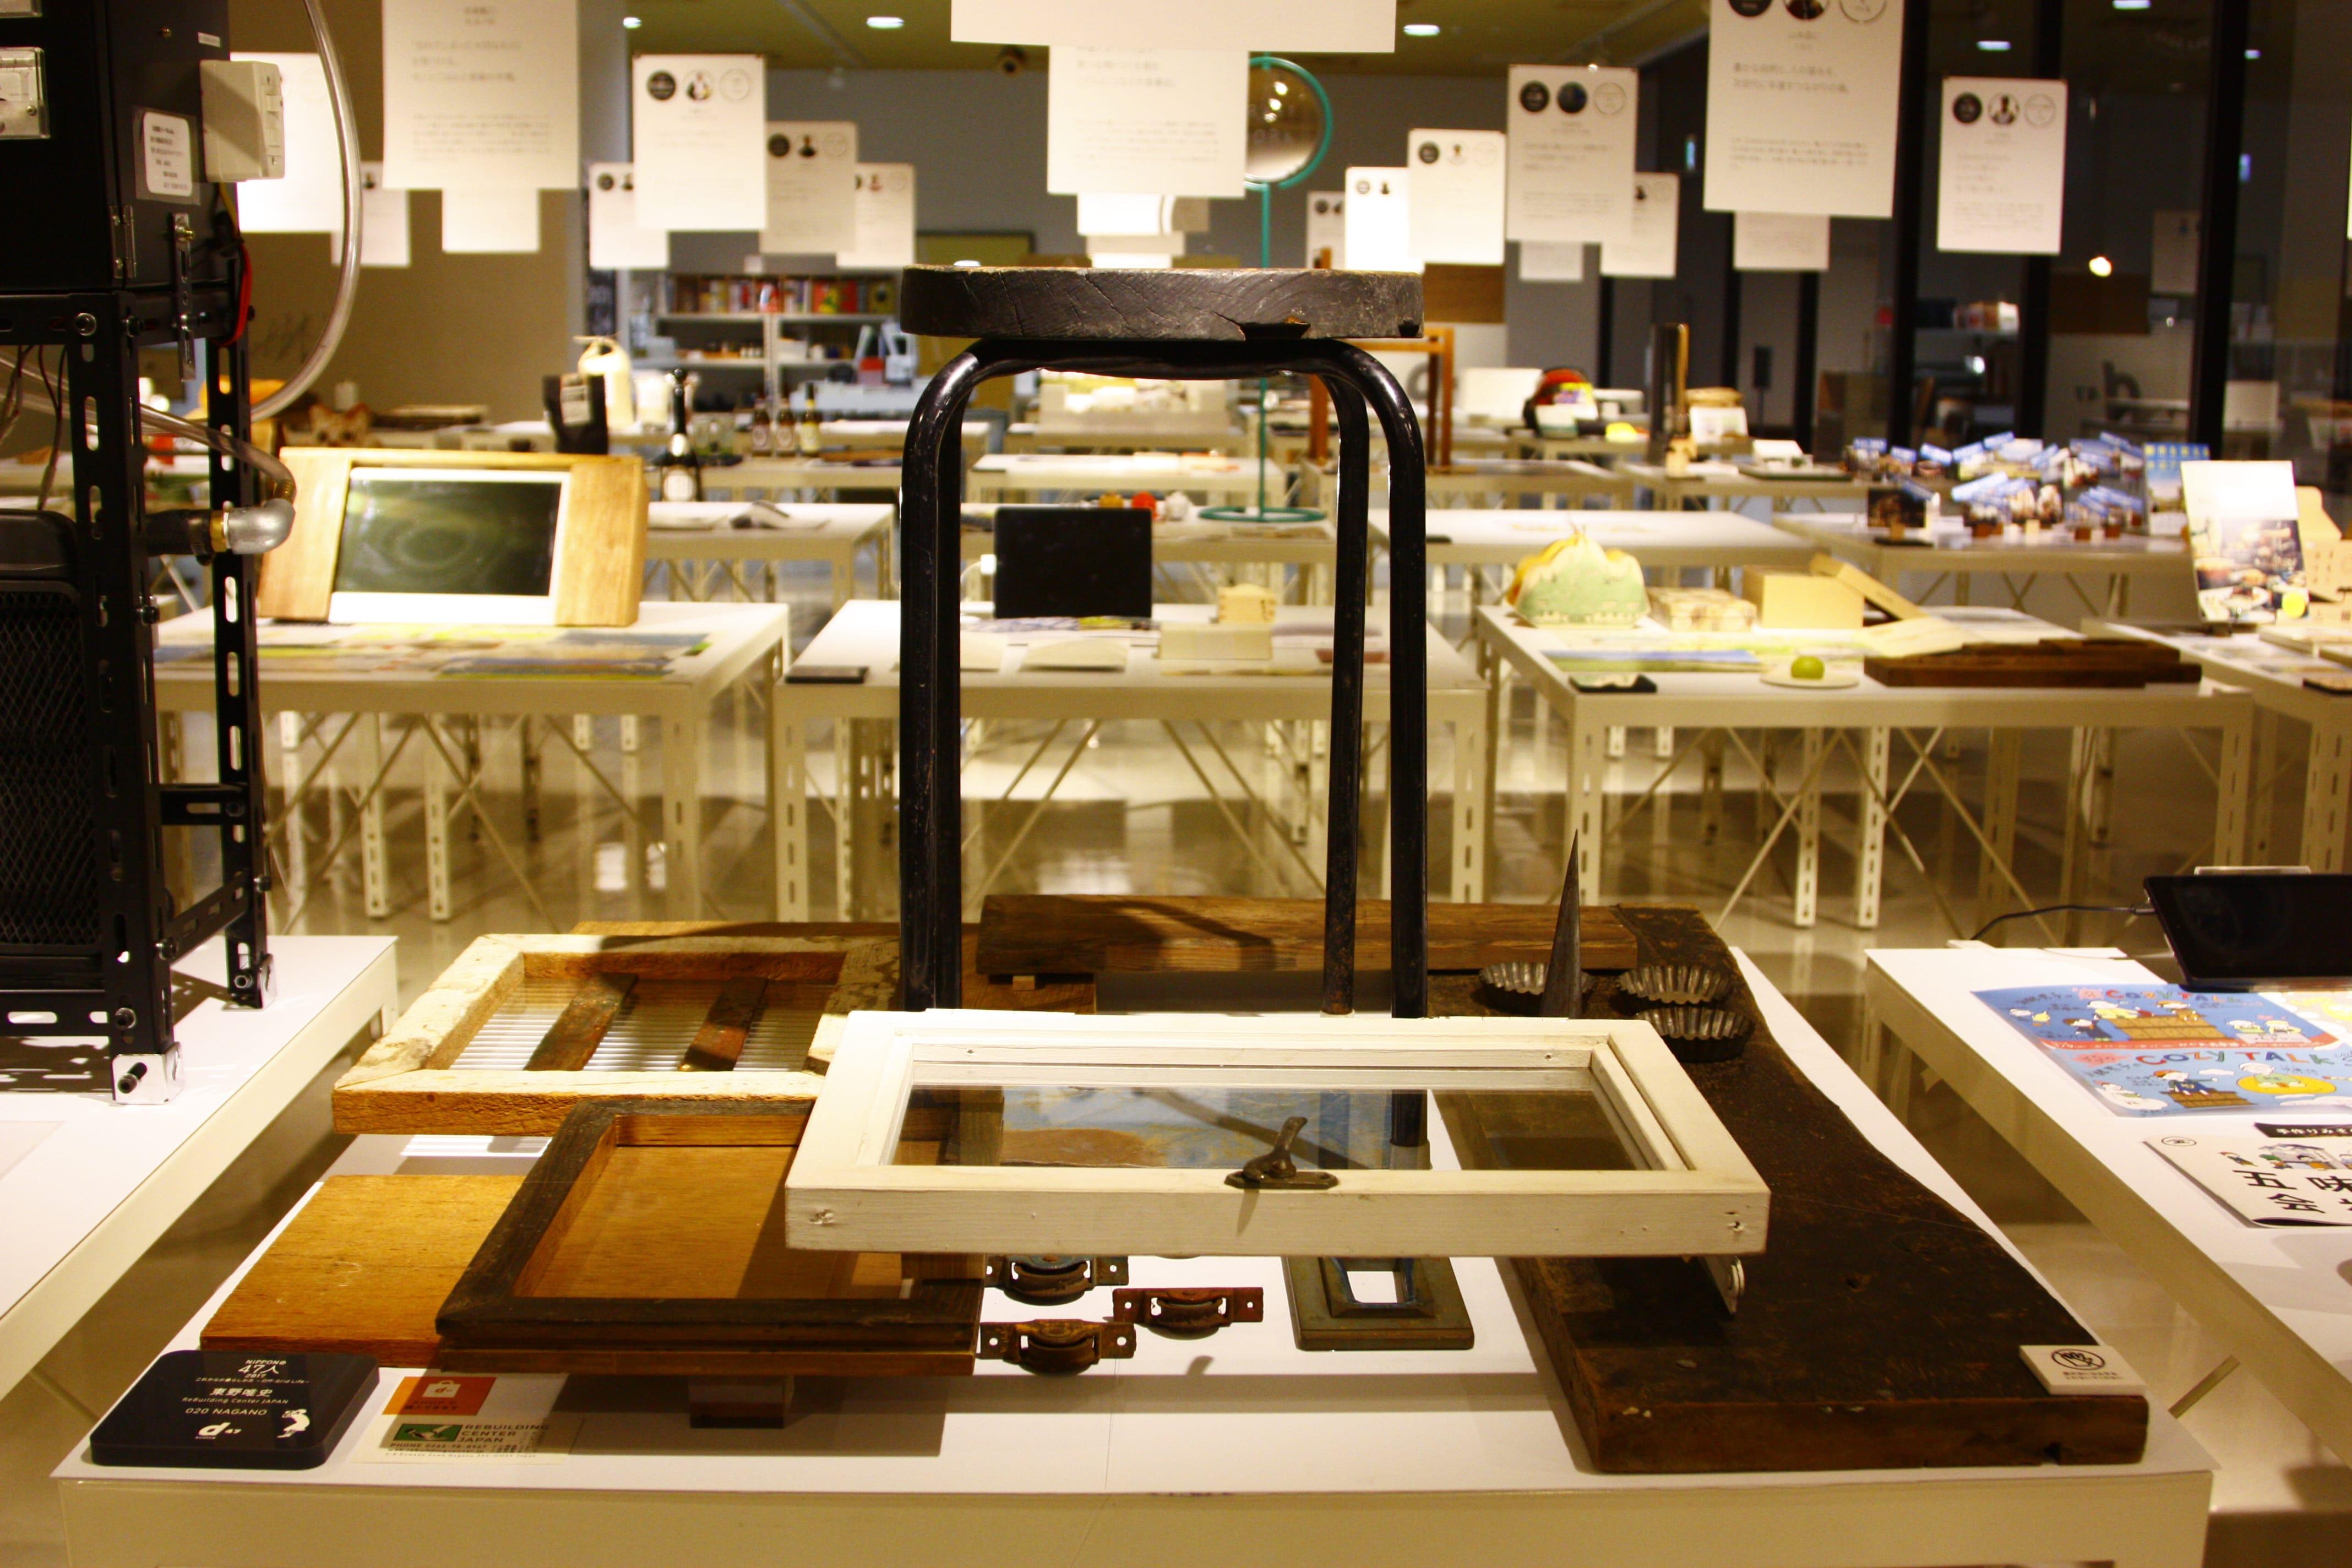 長野県の出展者である東野唯史さんが主宰する「リビルディングセンタージャパン」のコーナー。捨てられていた古材に新たな価値を見い出して販売。古材を次の世代につないでいく活動だ。